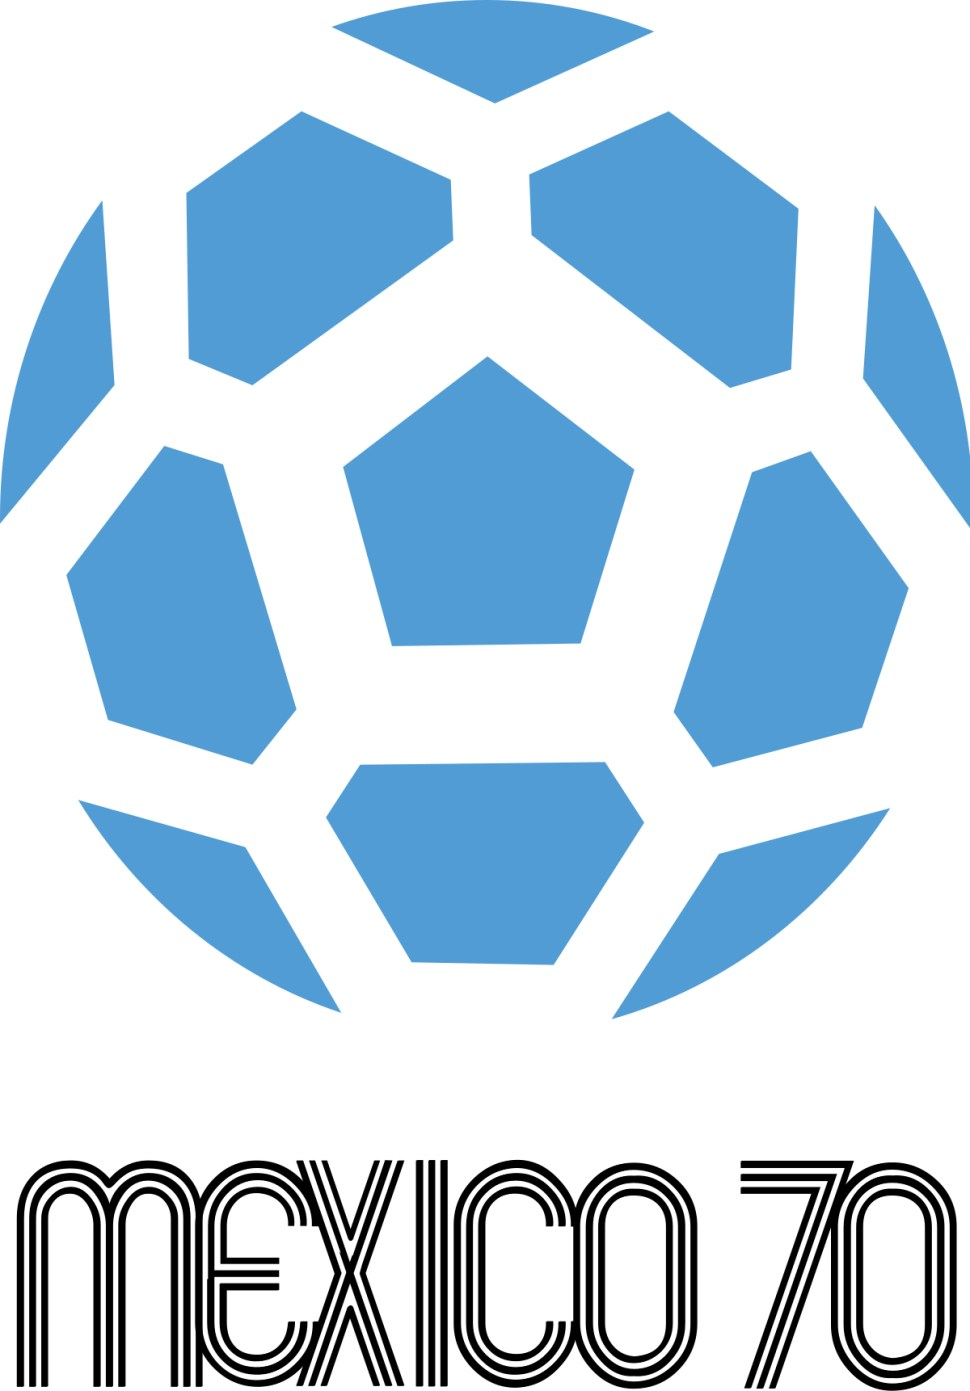 Mexico 1970 world cup logo